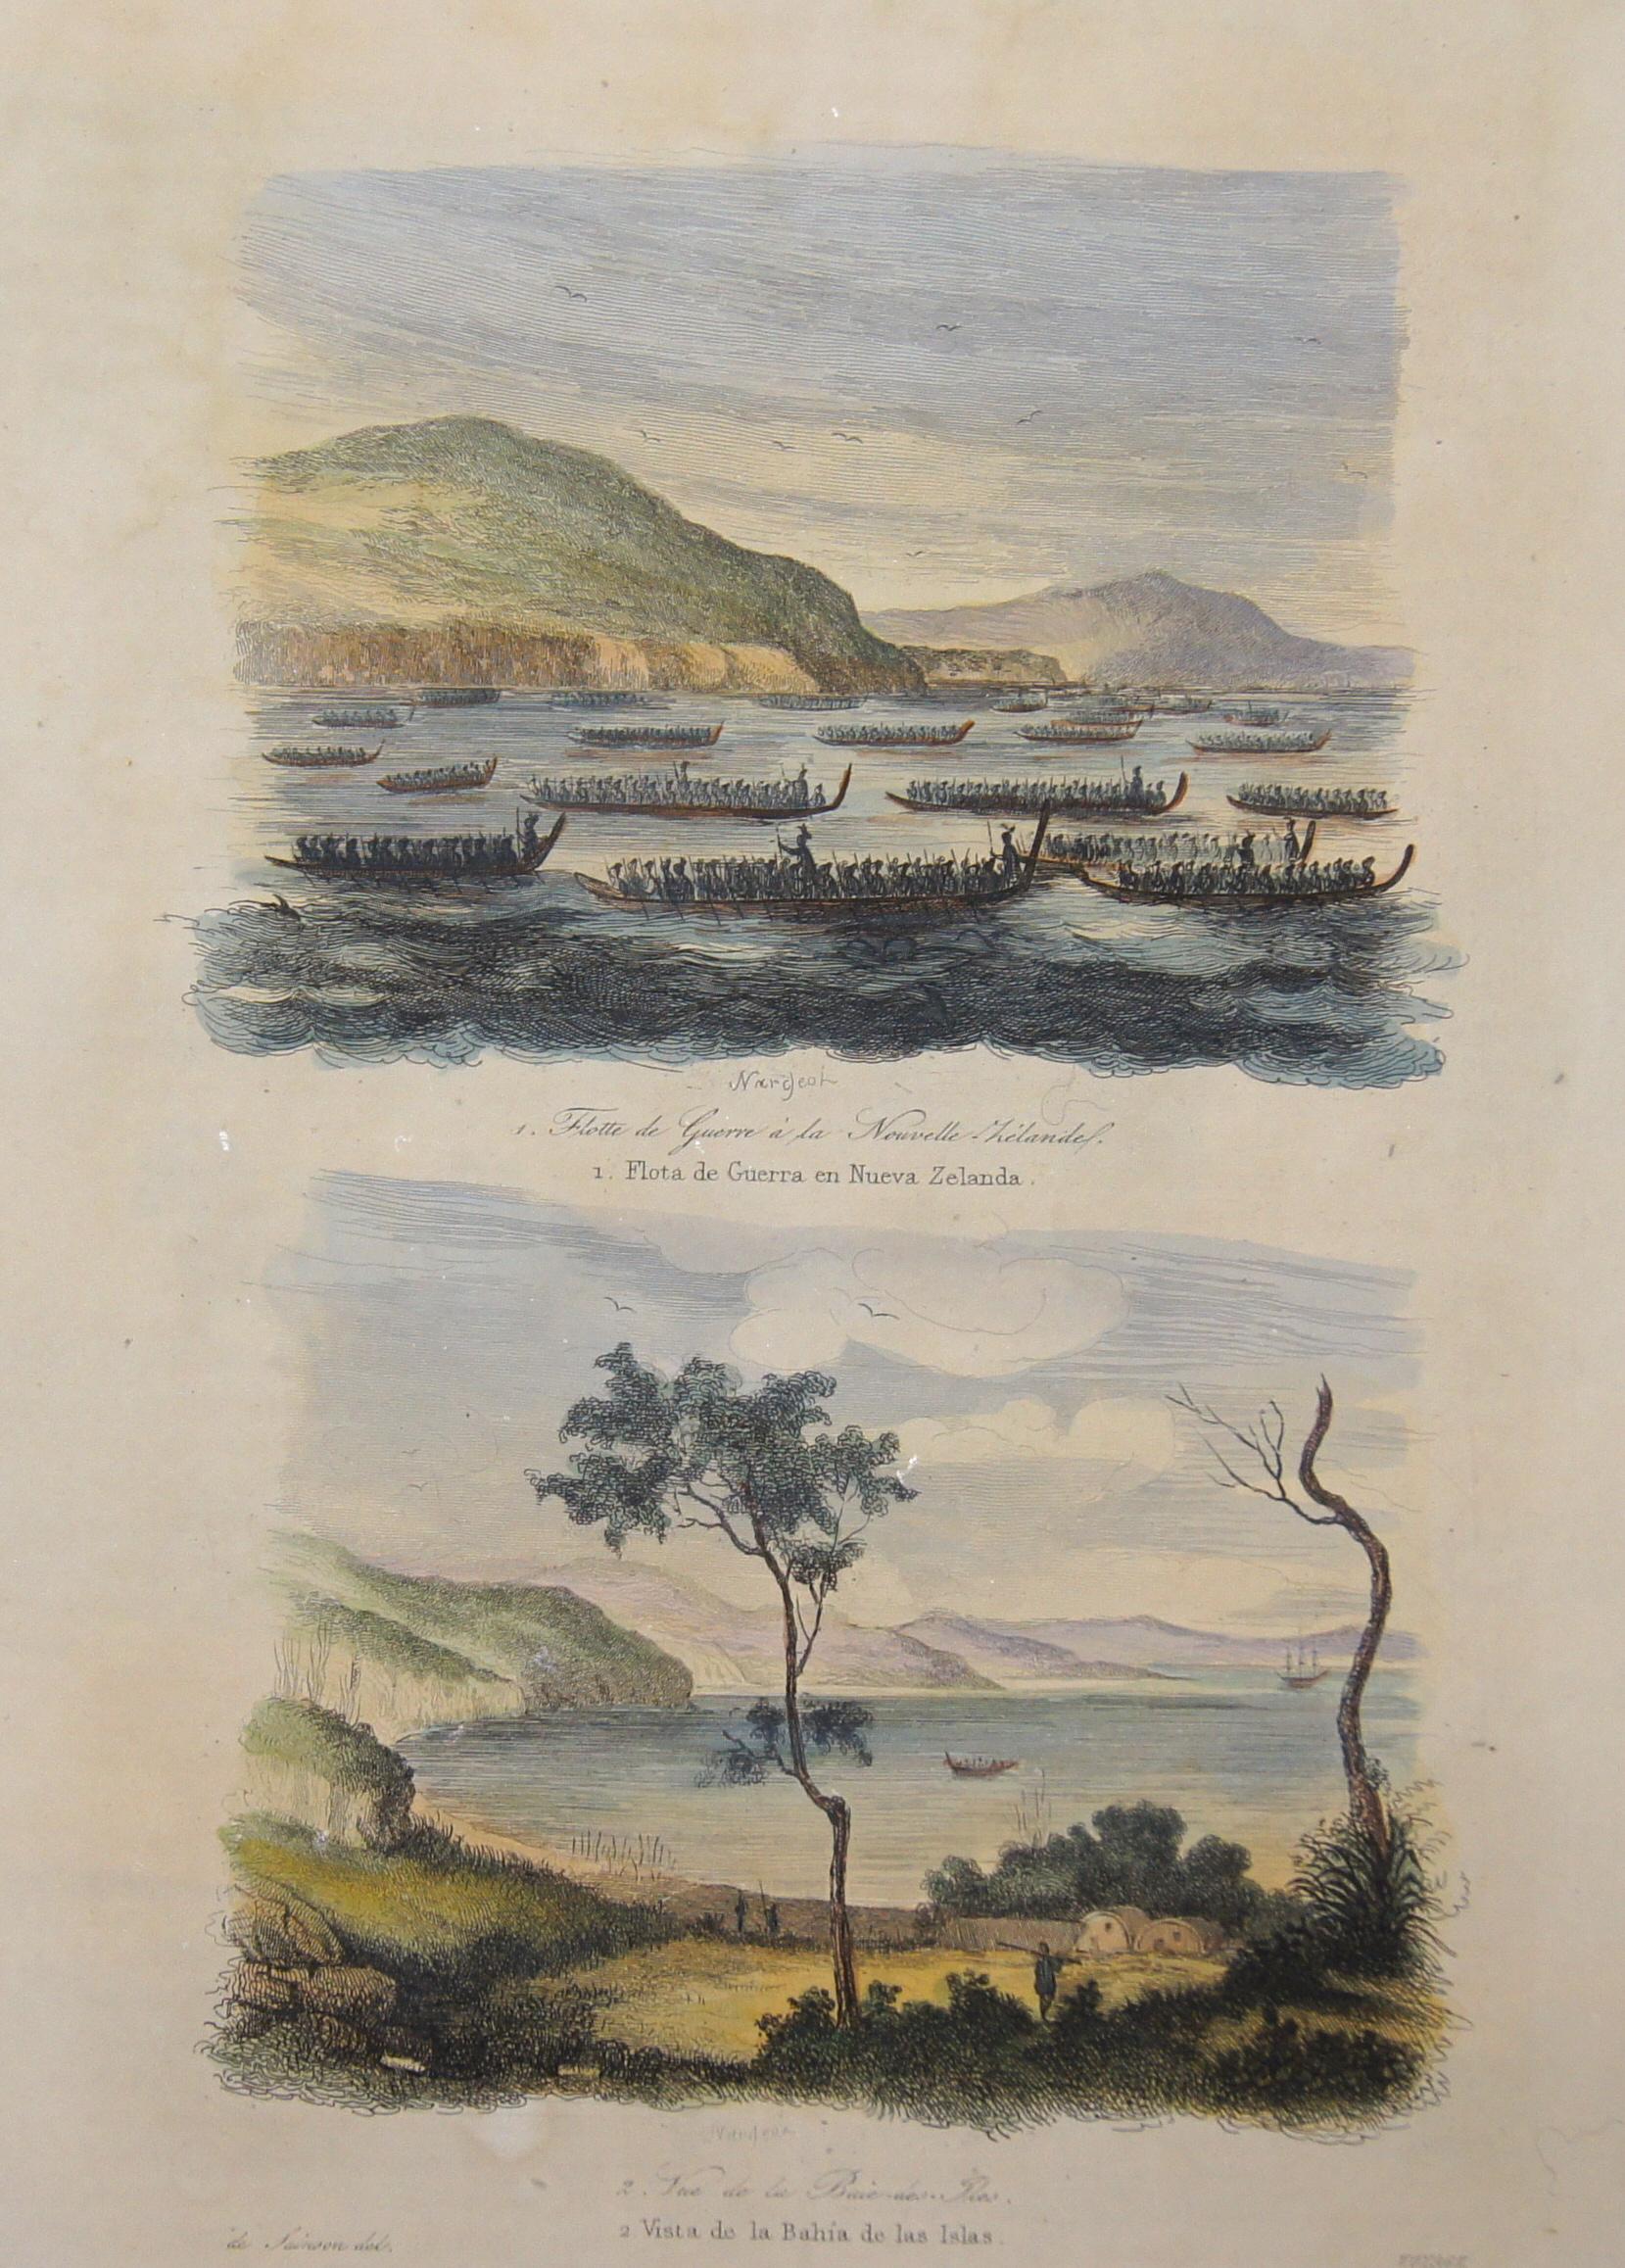 Sainson de  1. Flota de Guerra en Nueva Zelanda. 2. Vista de la Bahia de las Islas.